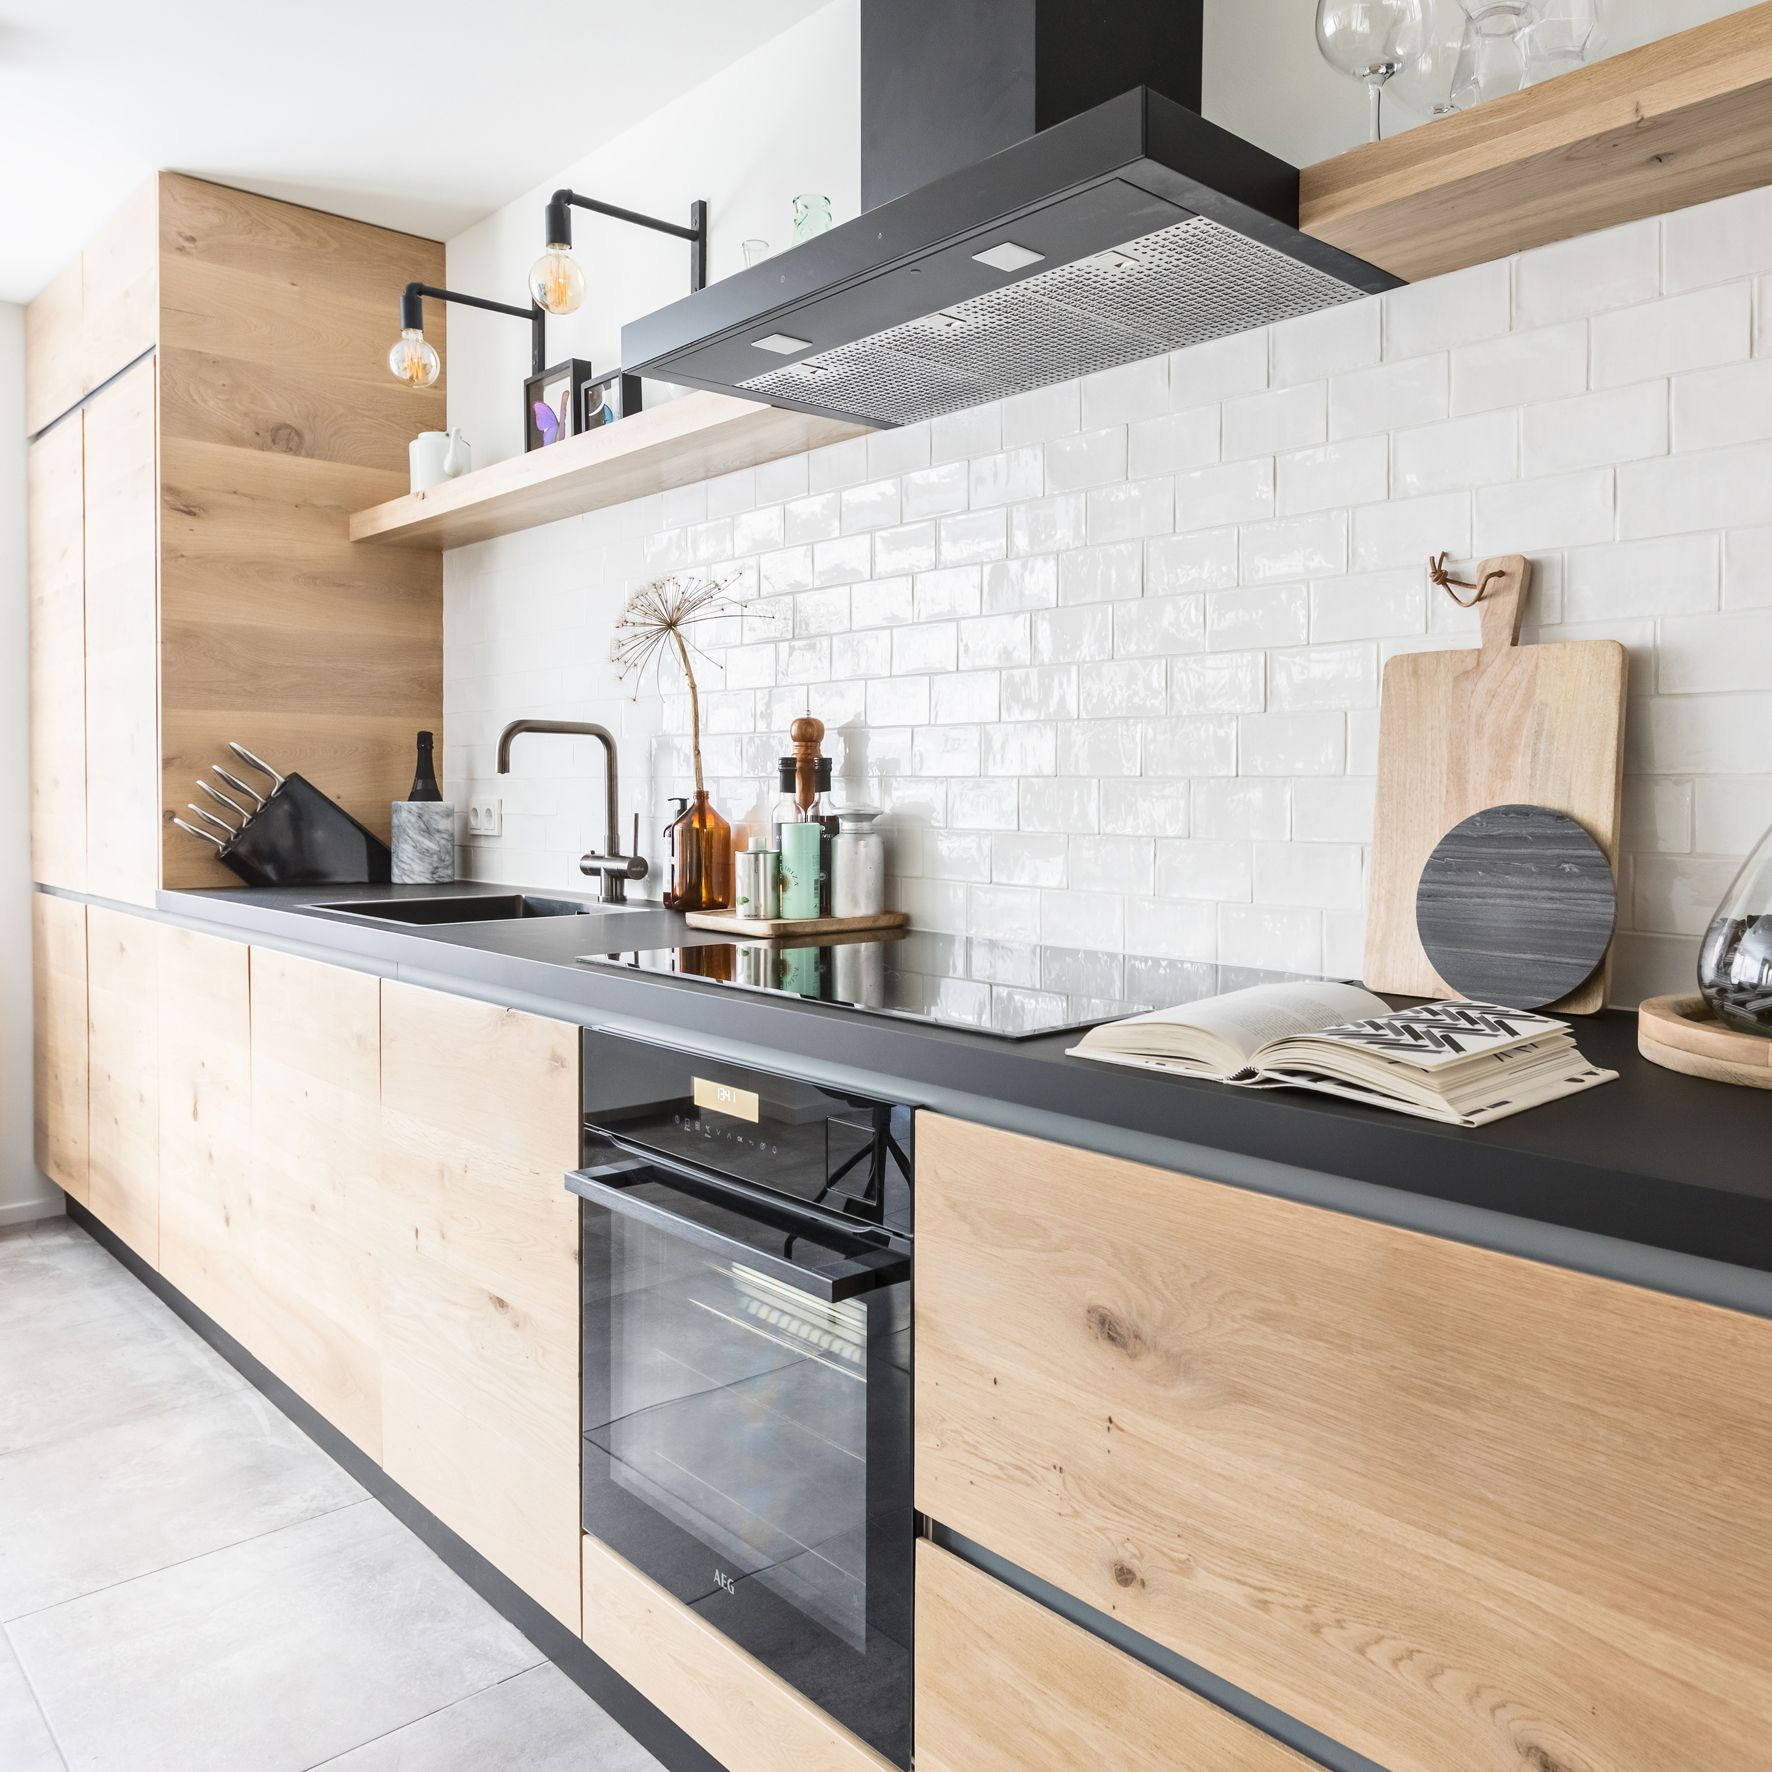 De lampjes  Cuisine appartement, Cuisines maison, Cuisine moderne